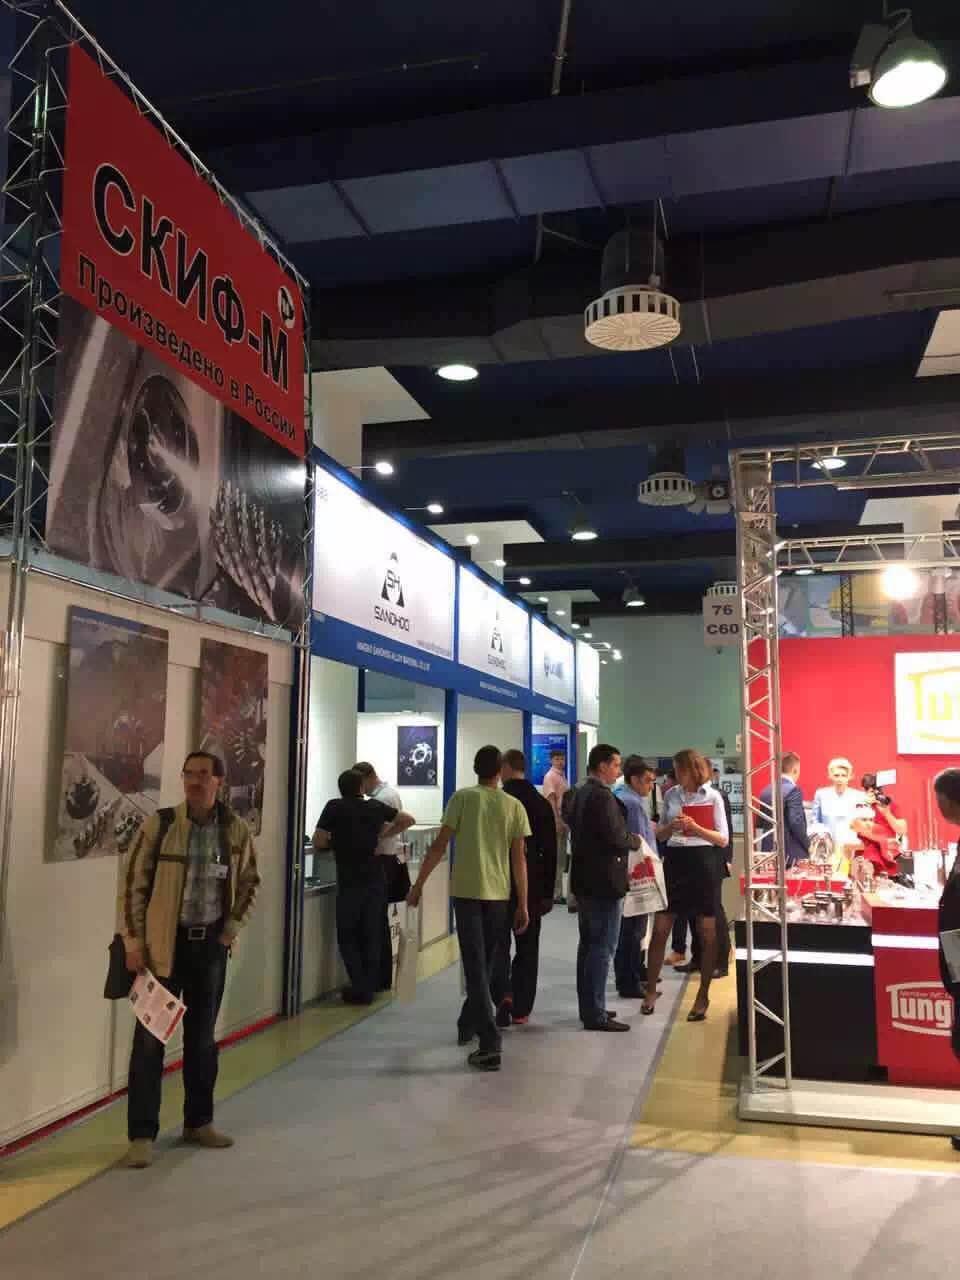 2018年土耳其伊斯坦布尔欧亚纺织工业展暨纱线展